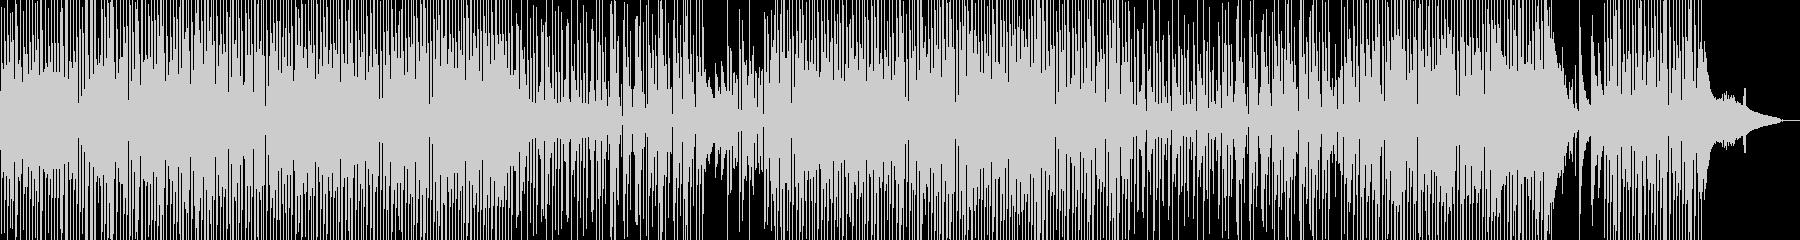 ウクレレ・軽快・ほのぼの作品に 長尺の未再生の波形